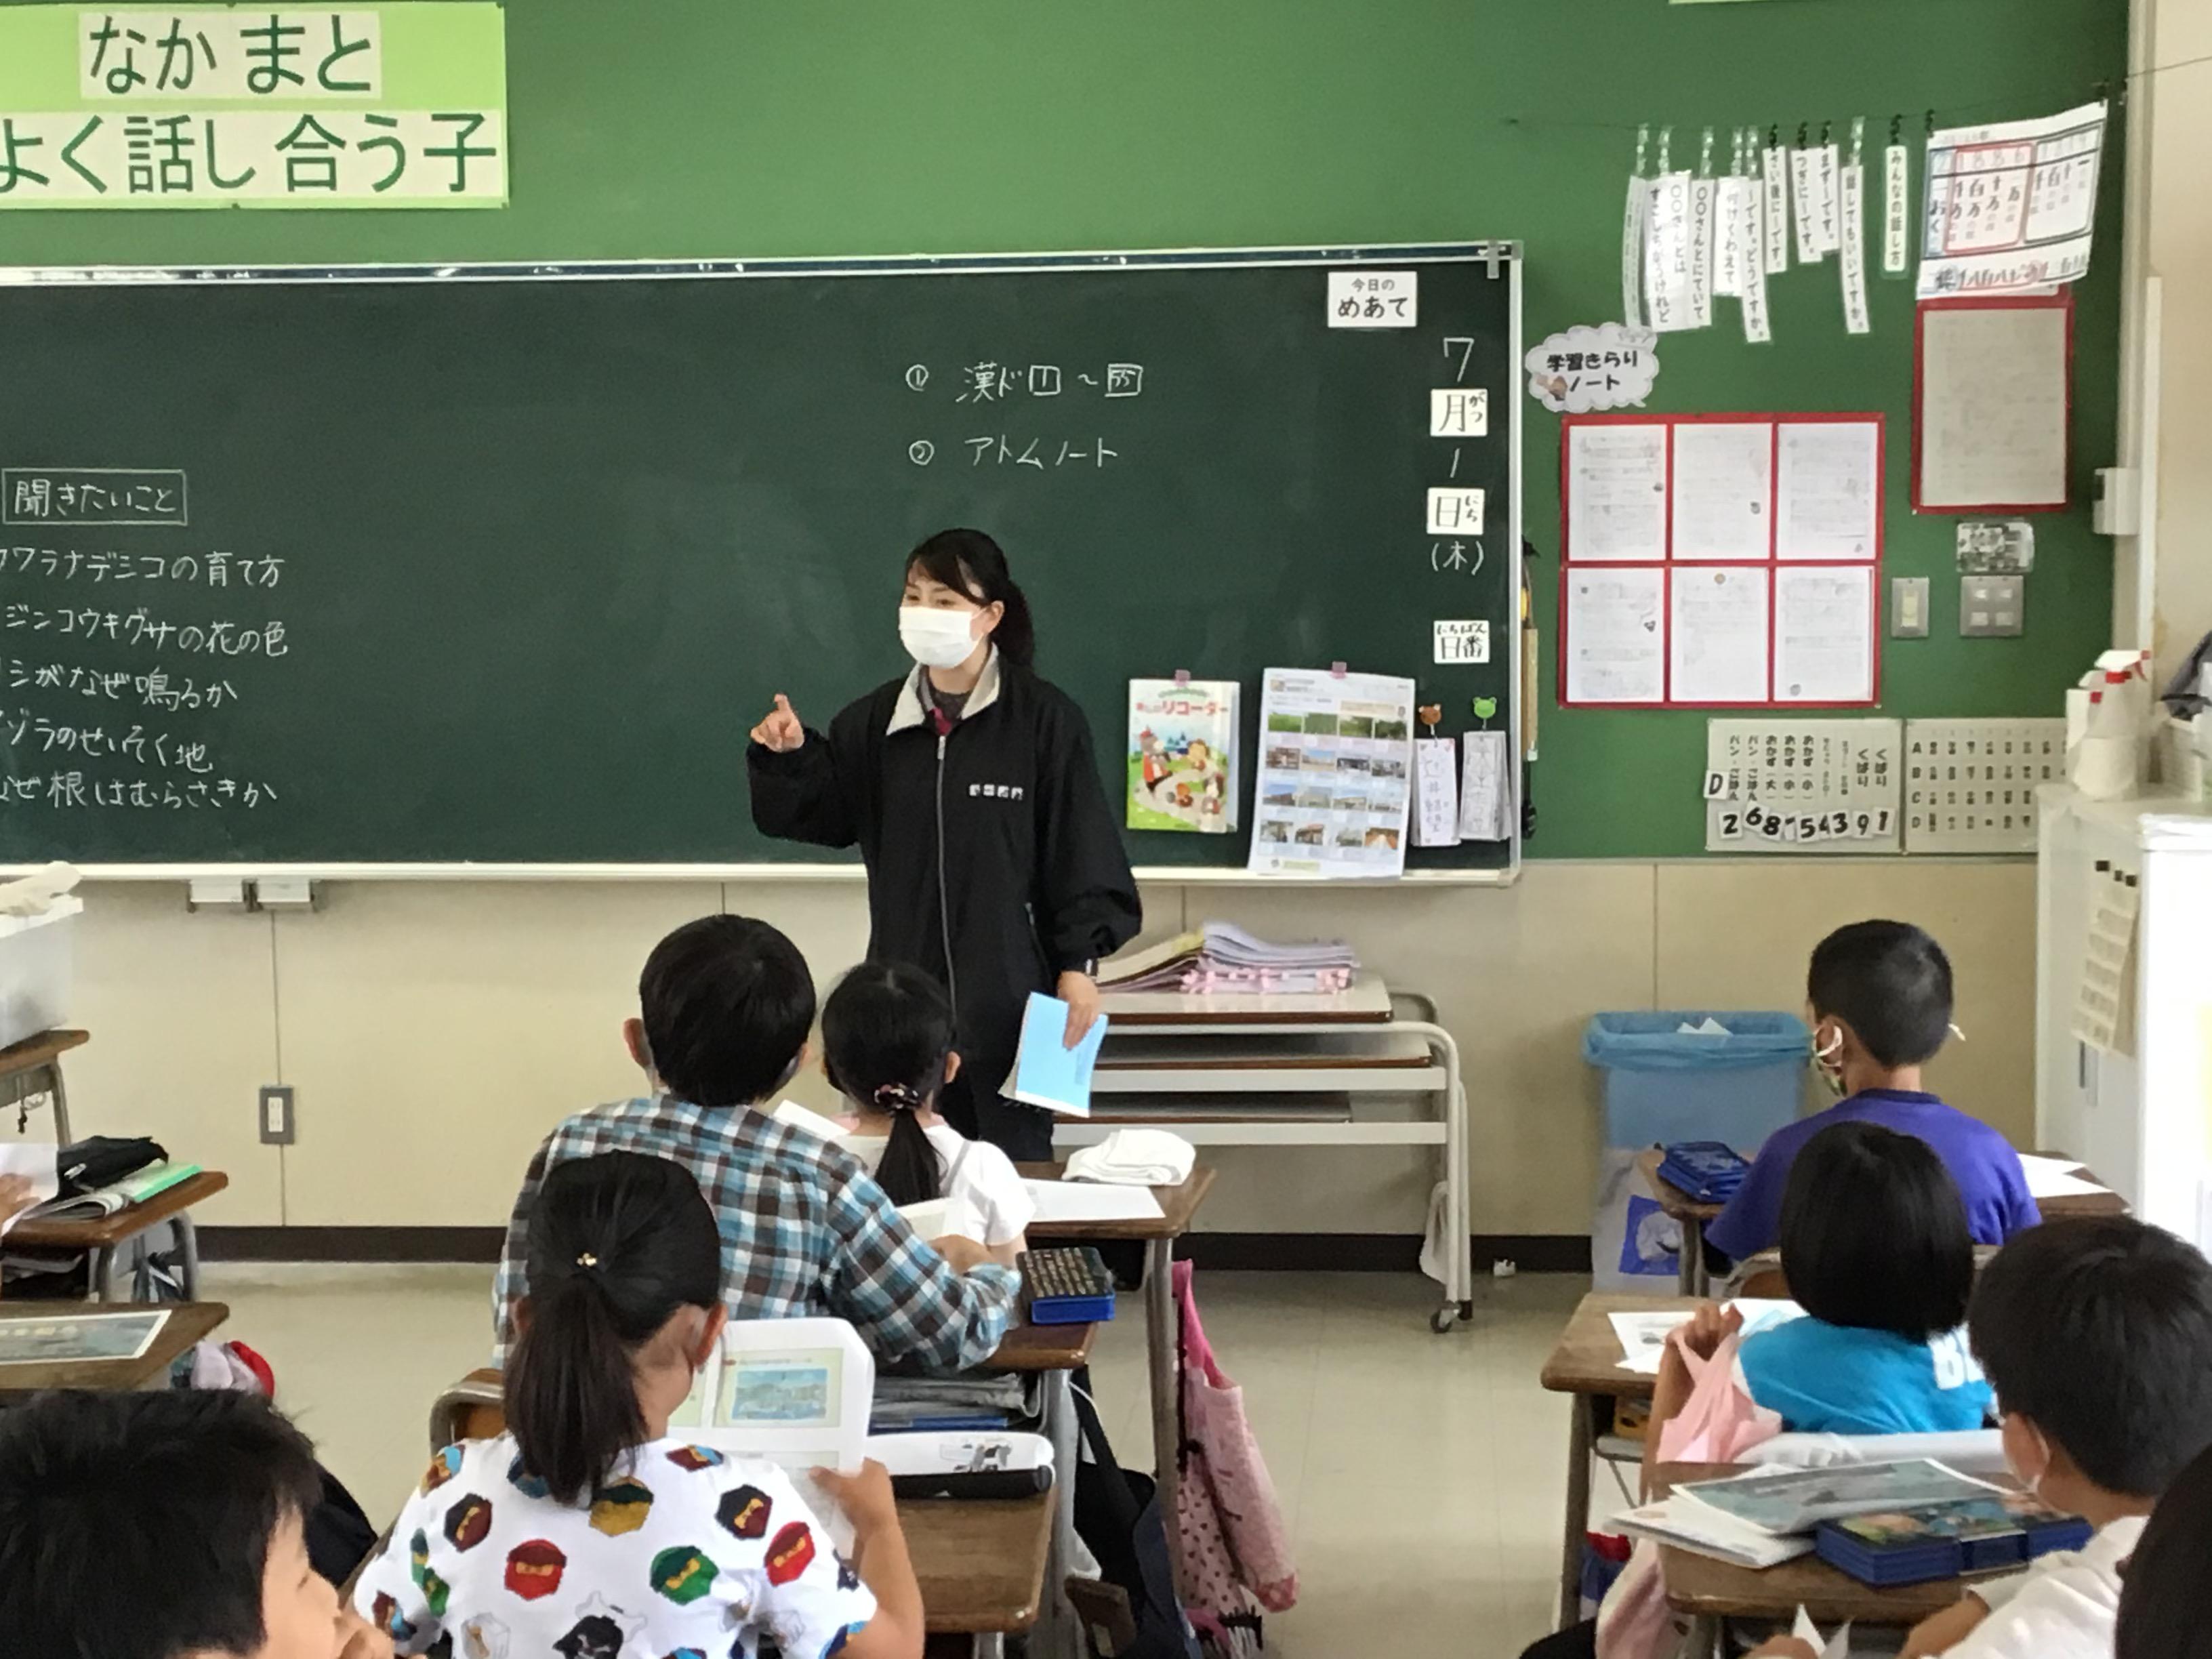 東播磨県民局地域振興室水辺地域づくり担当の福田さんは、コウノトリを撮影したらお家でホームページを見て写真を送ってね。また、ため池探検ノートをよ~く読んでねと講義されました。